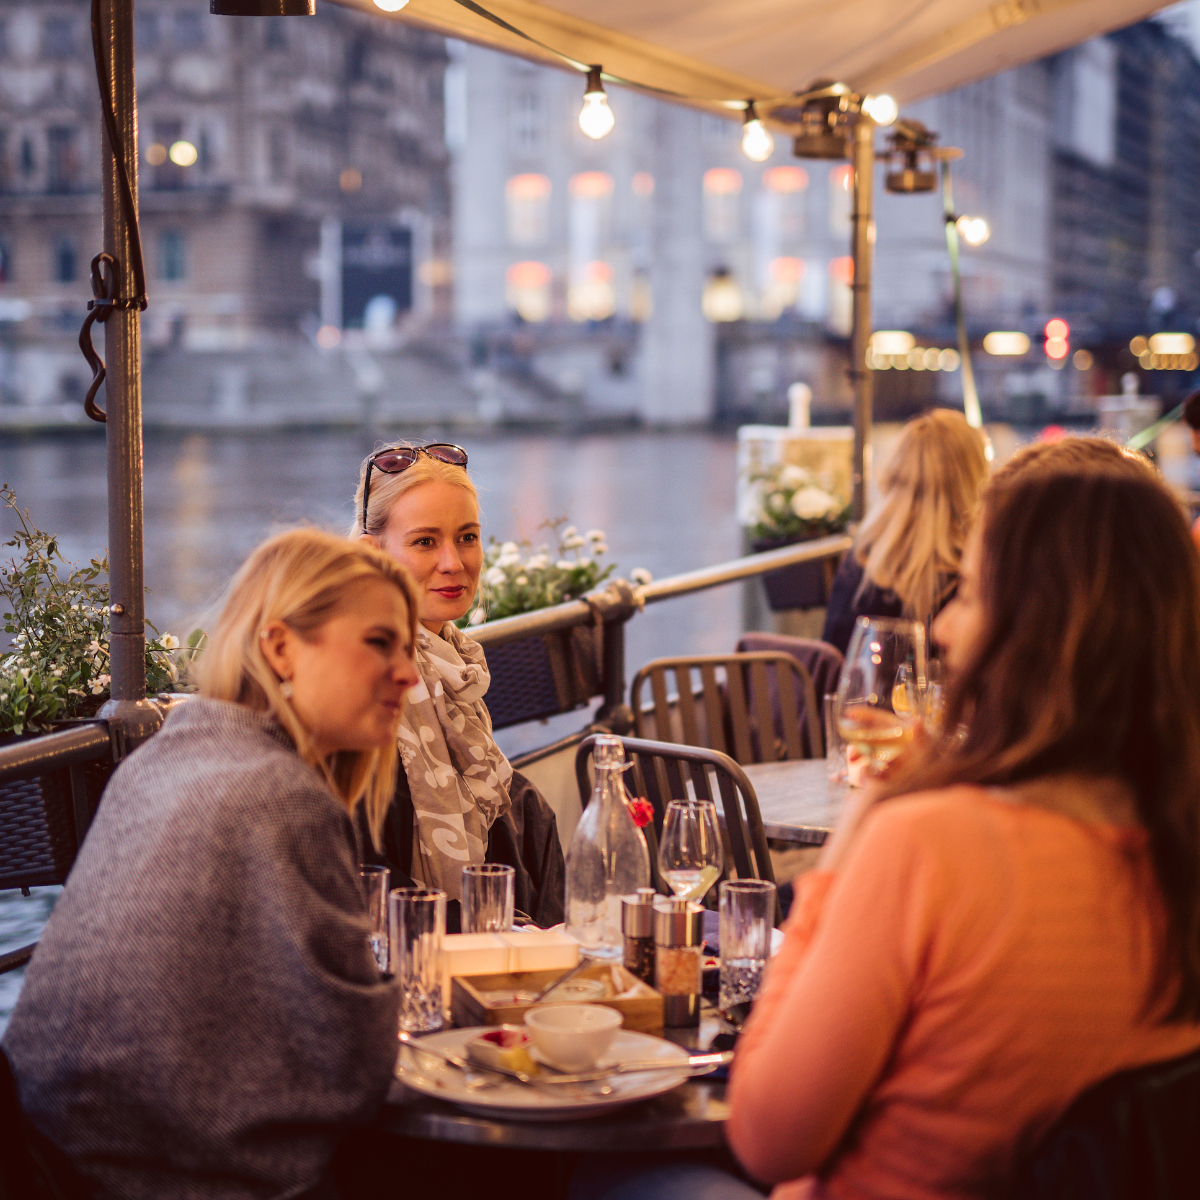 Vlet Kitchen & Bar Hamburg Dinner direkt auf dem Wasser